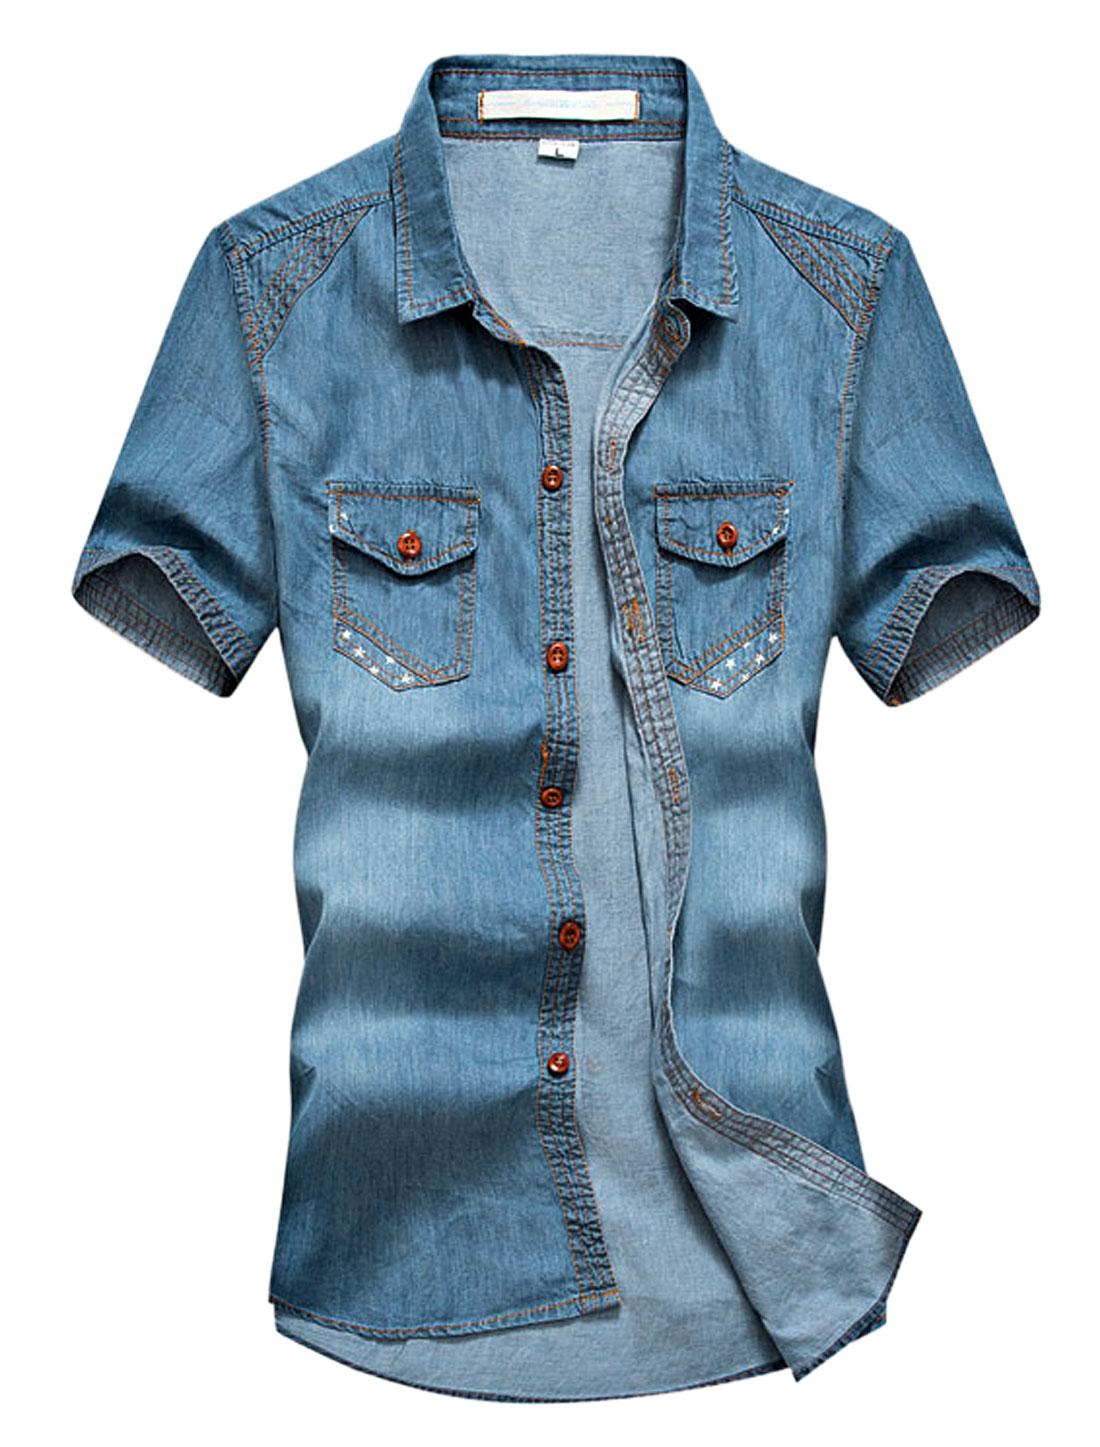 Man Stars Prints Detail Short Sleeves Washed Denim Shirt Dark Blue M